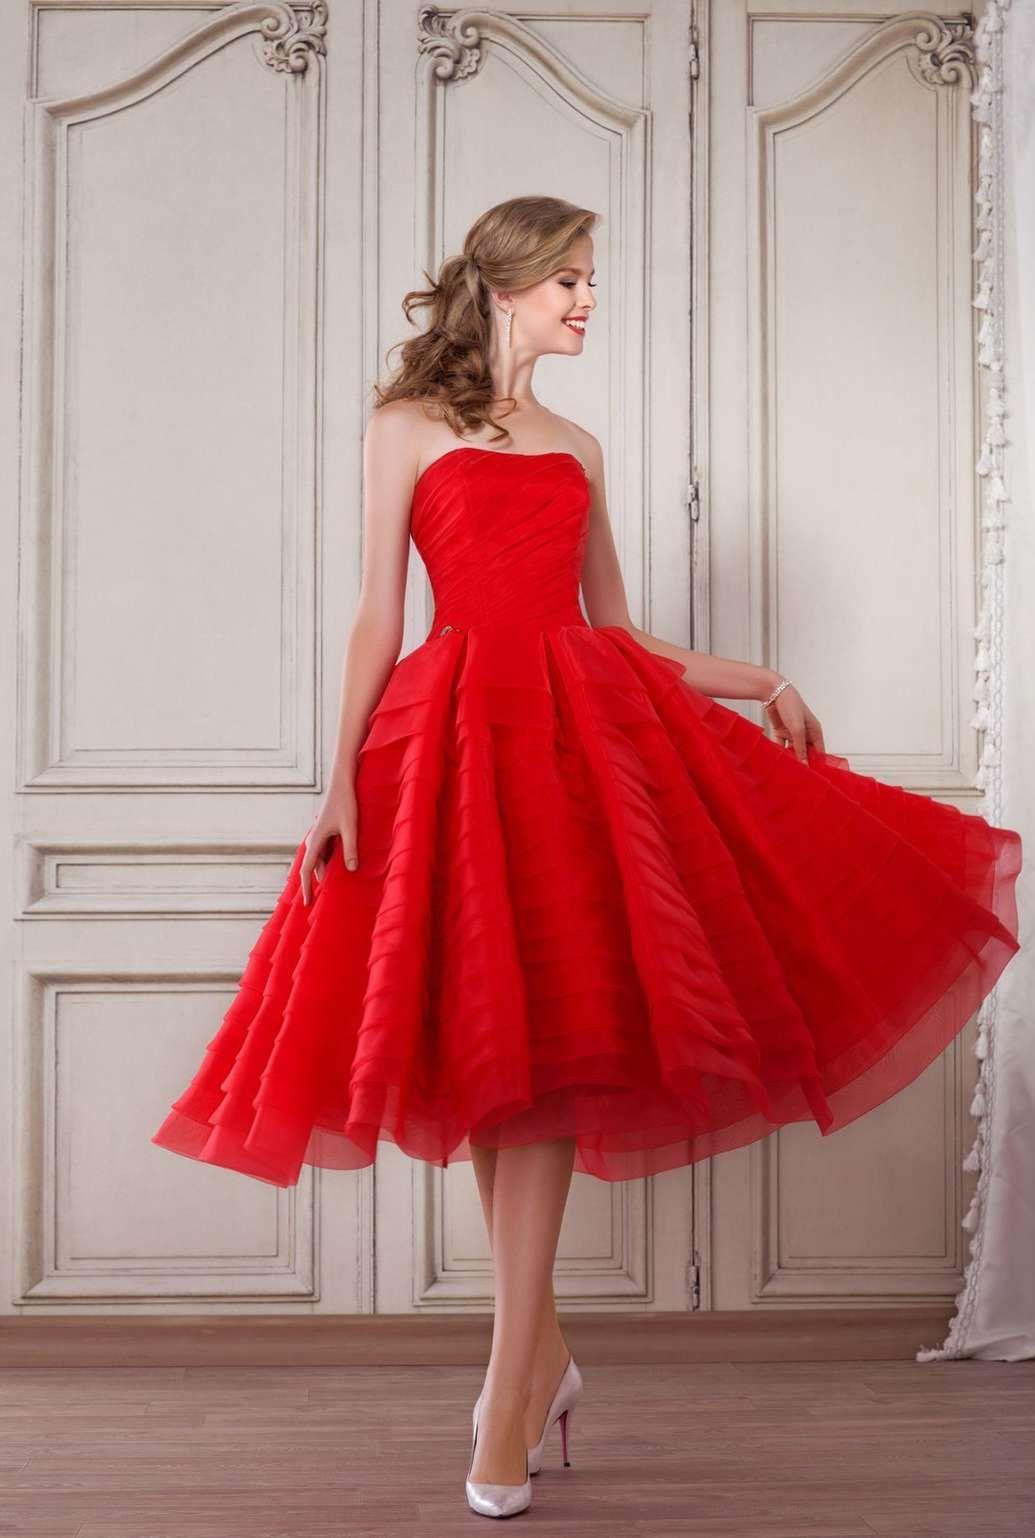 Фото свадебной обуви: 11009 идей 2017 года на Невеста.info ...